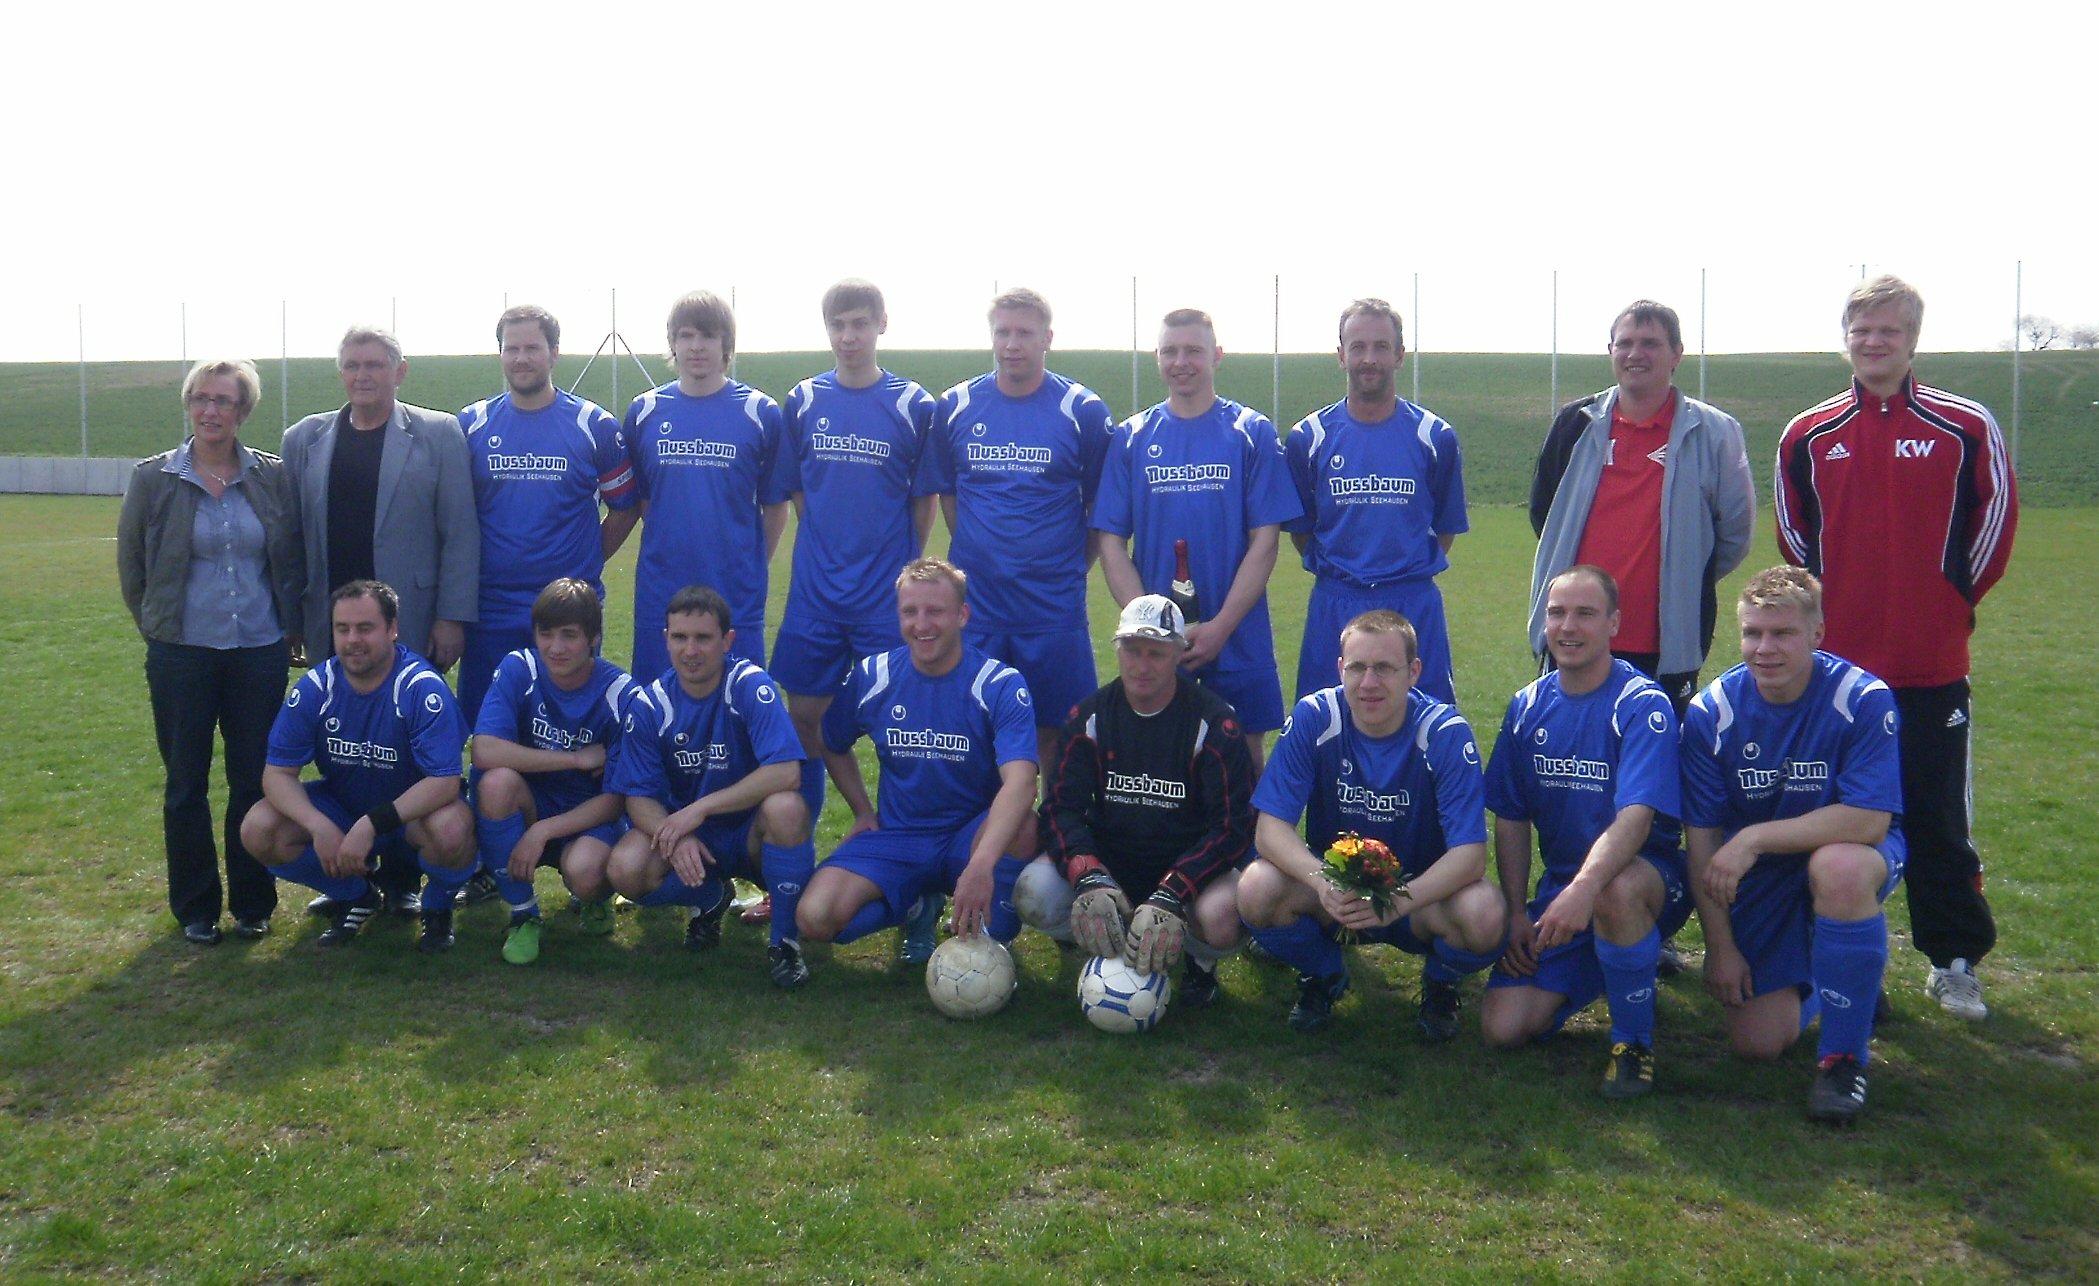 Mannschaftsfoto/Teamfoto von SV Seehausen/B�rde 2